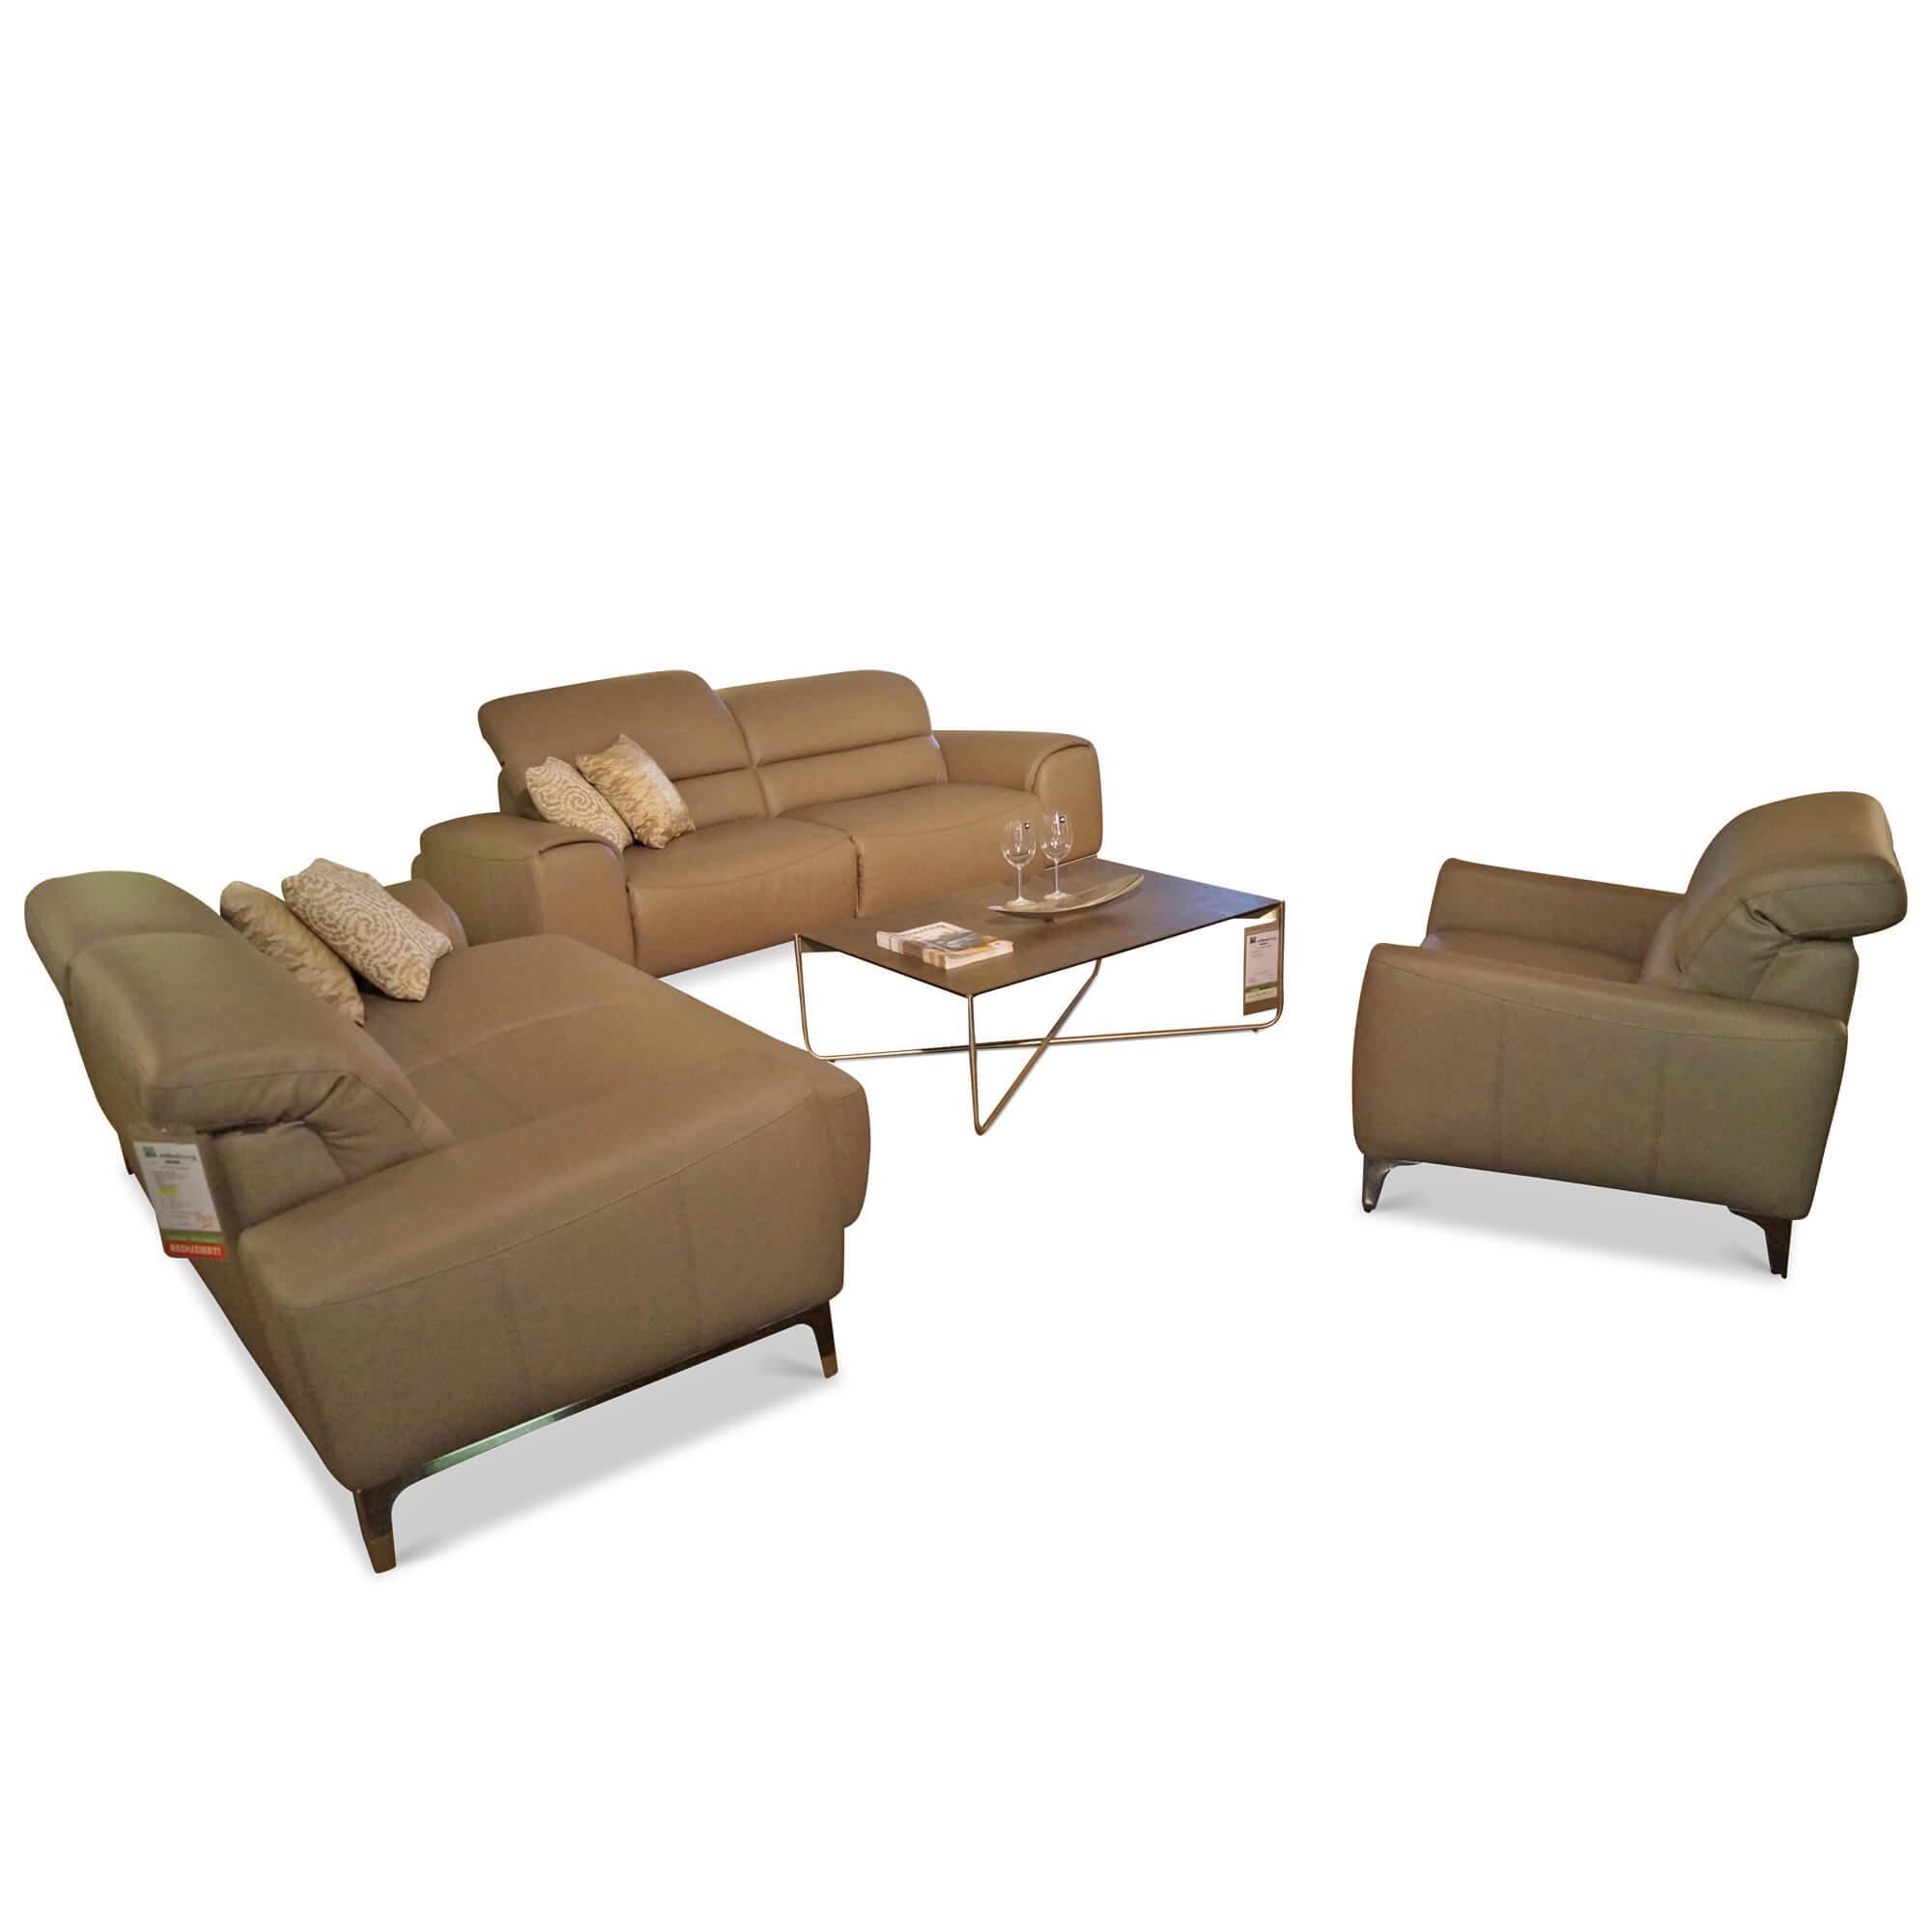 musterring designer garnitur mr 9100 2 sitzer 2 sitzer sessel in montana ebay. Black Bedroom Furniture Sets. Home Design Ideas